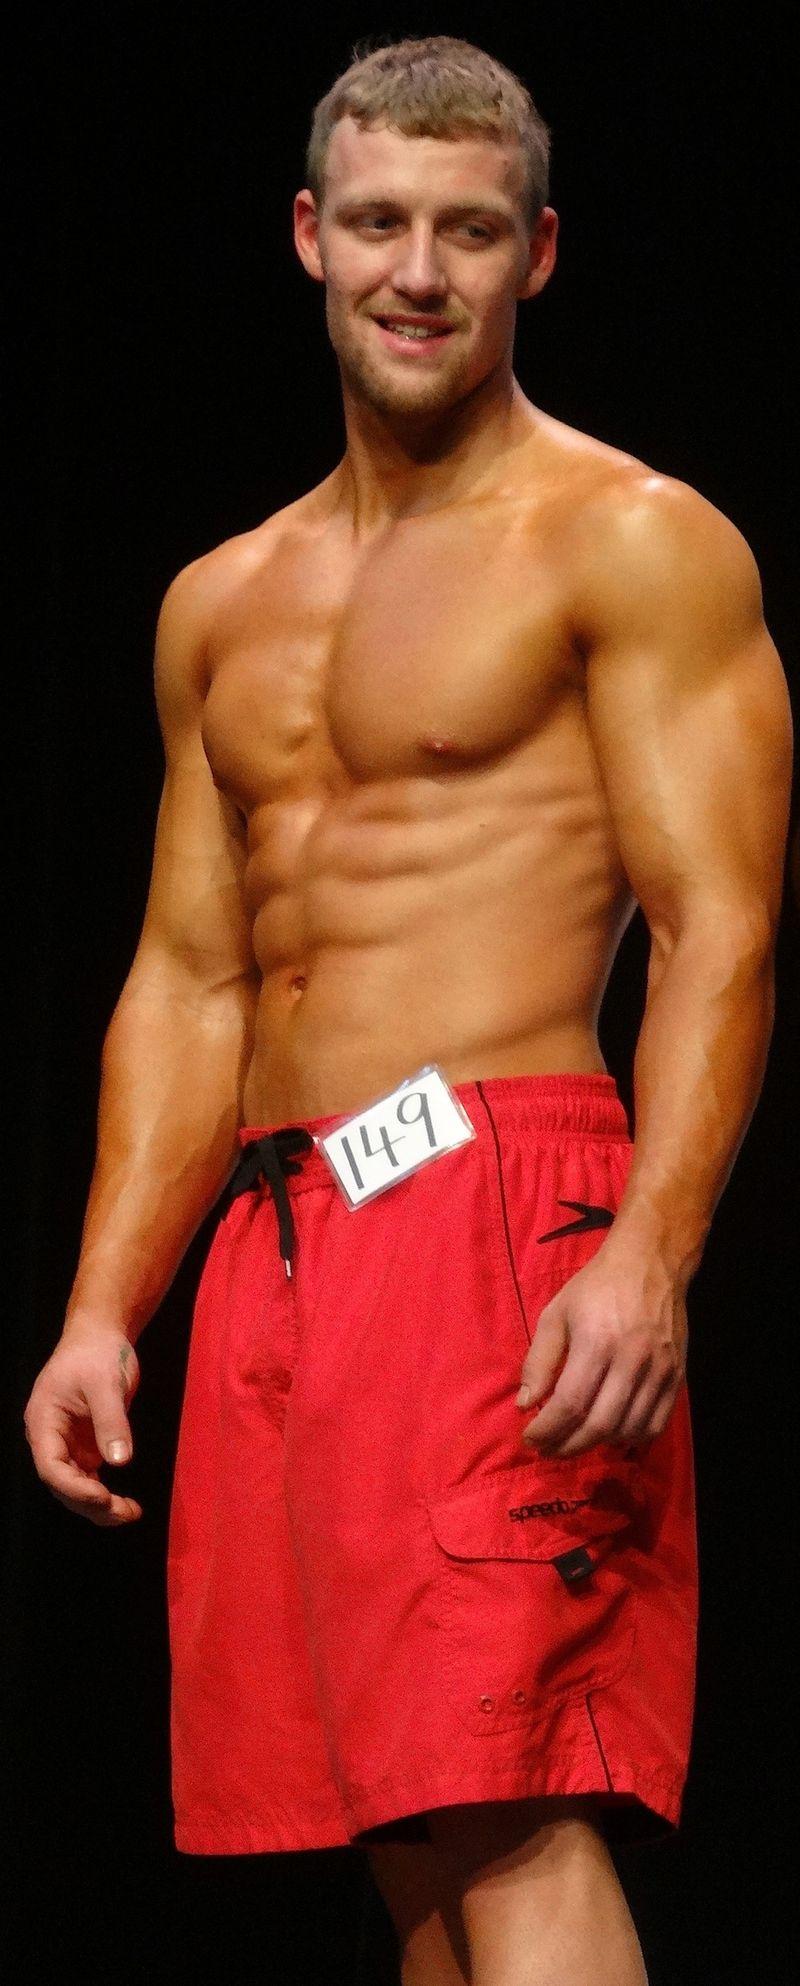 Muscle DSC01174